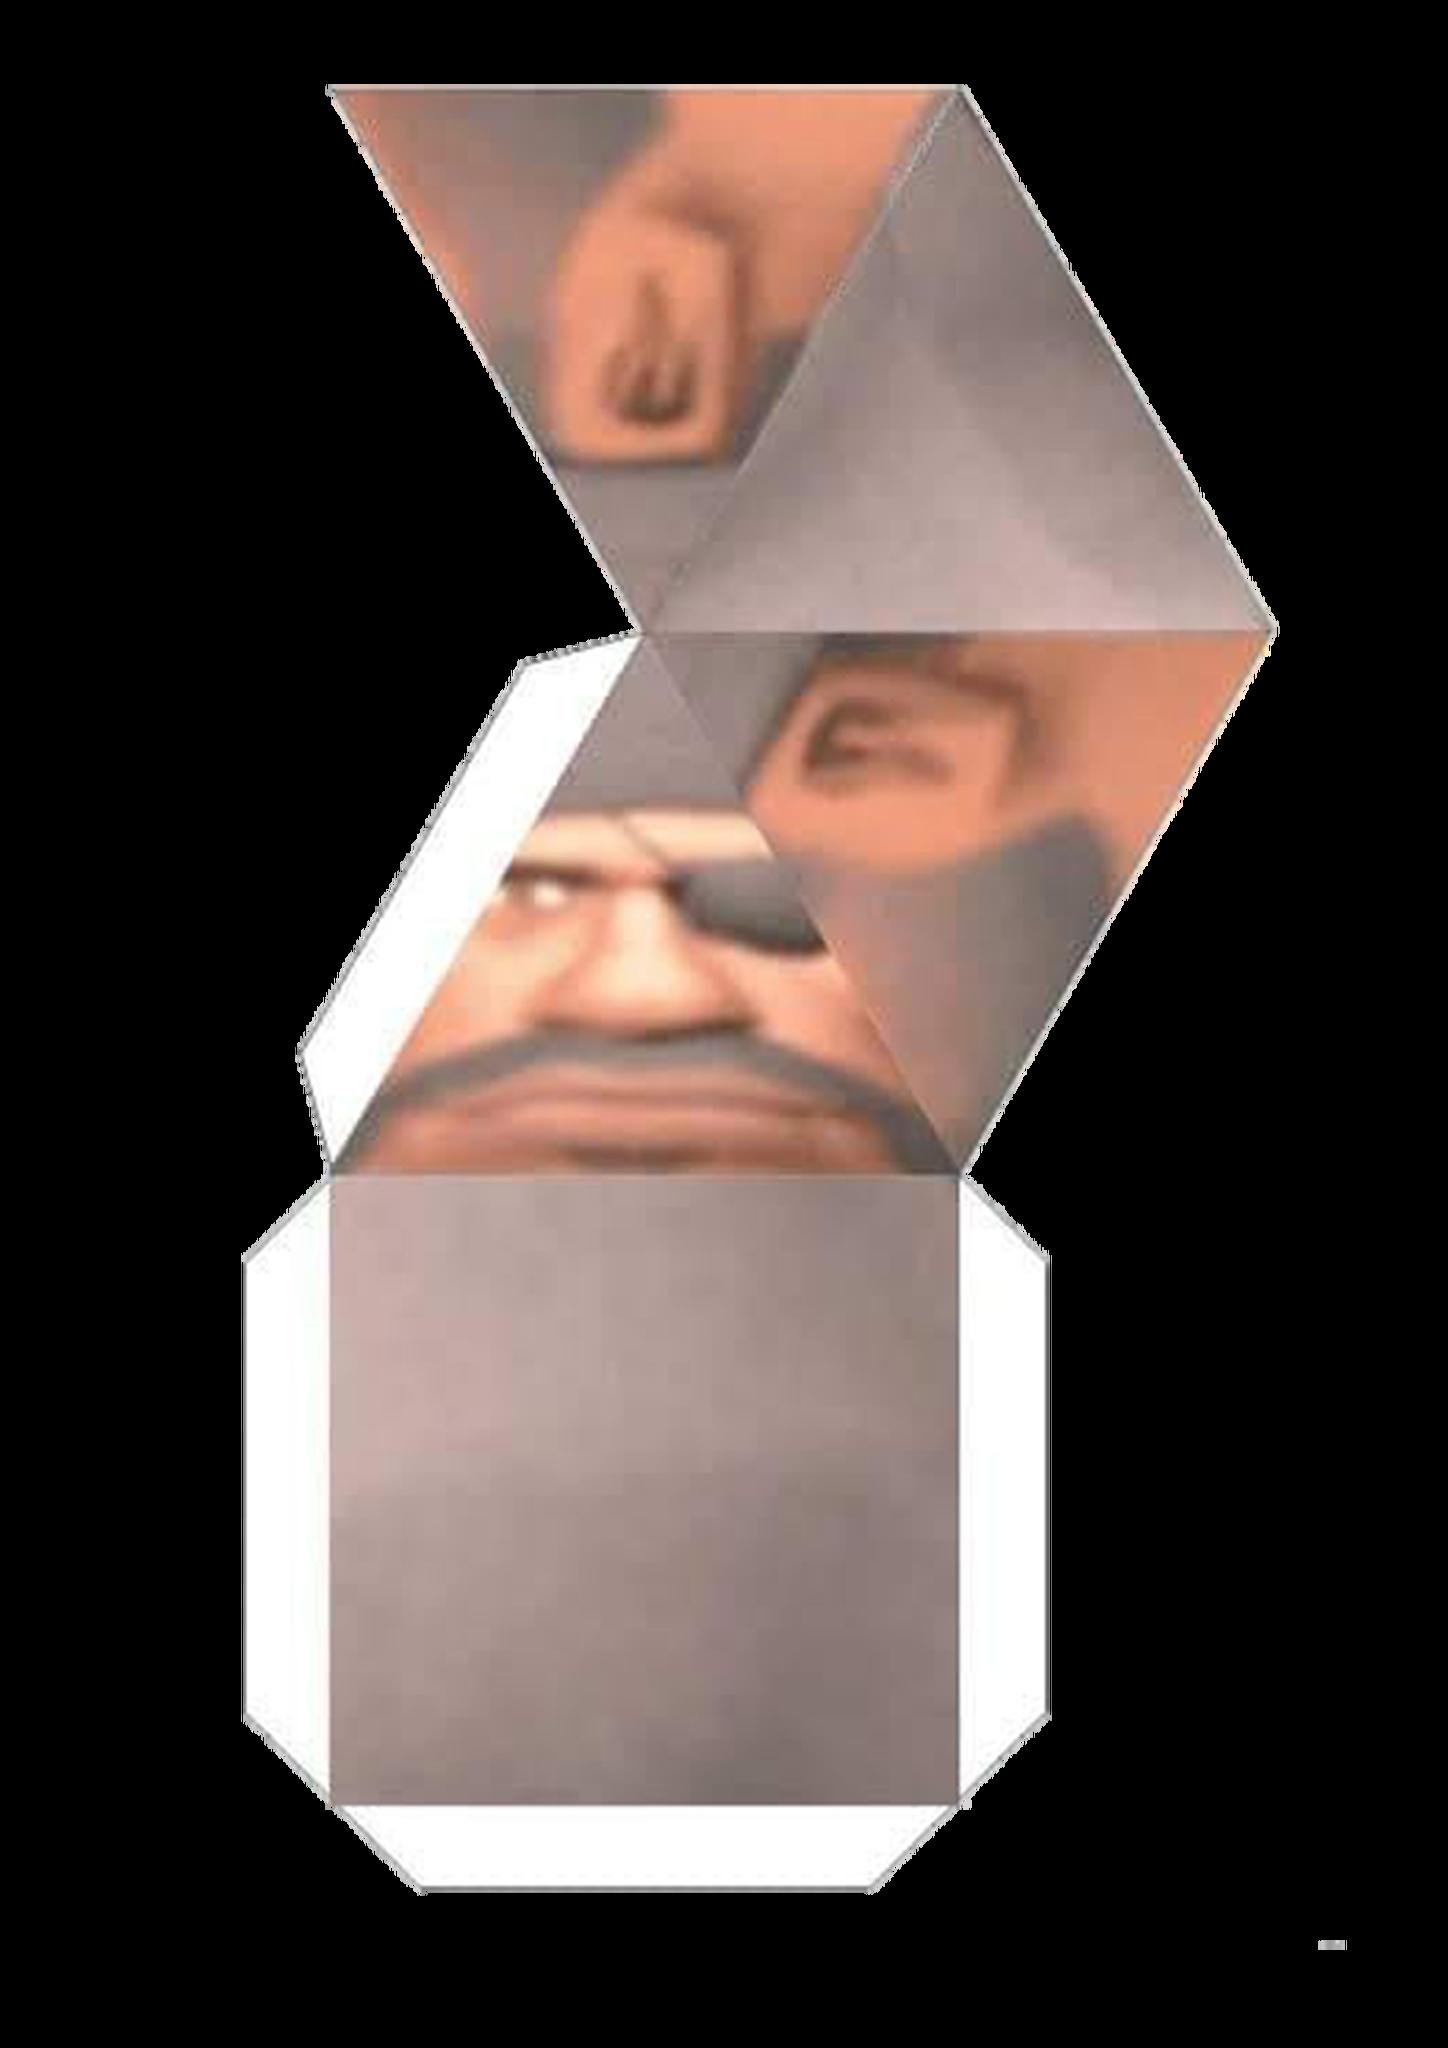 Esto no es un meme es una platilla del demomium